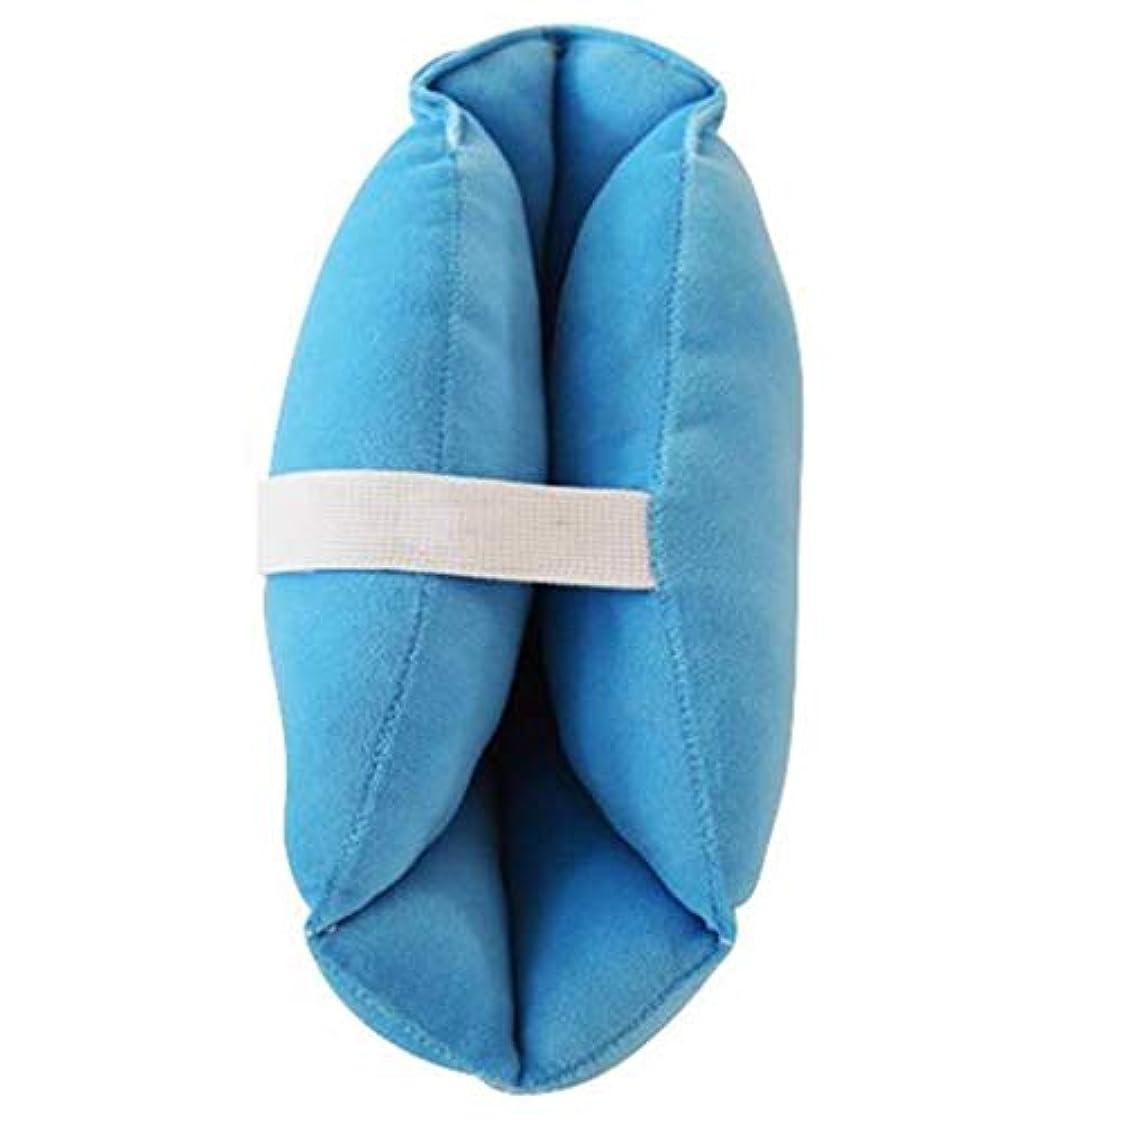 八忌避剤文庫本ソフトで快適なヒールプロテクター枕、ヒールフローティングヒールプロテクター、,瘡のためのアキレス腱プロテクター、高齢者の足矯正カバー (Color : 1pair)